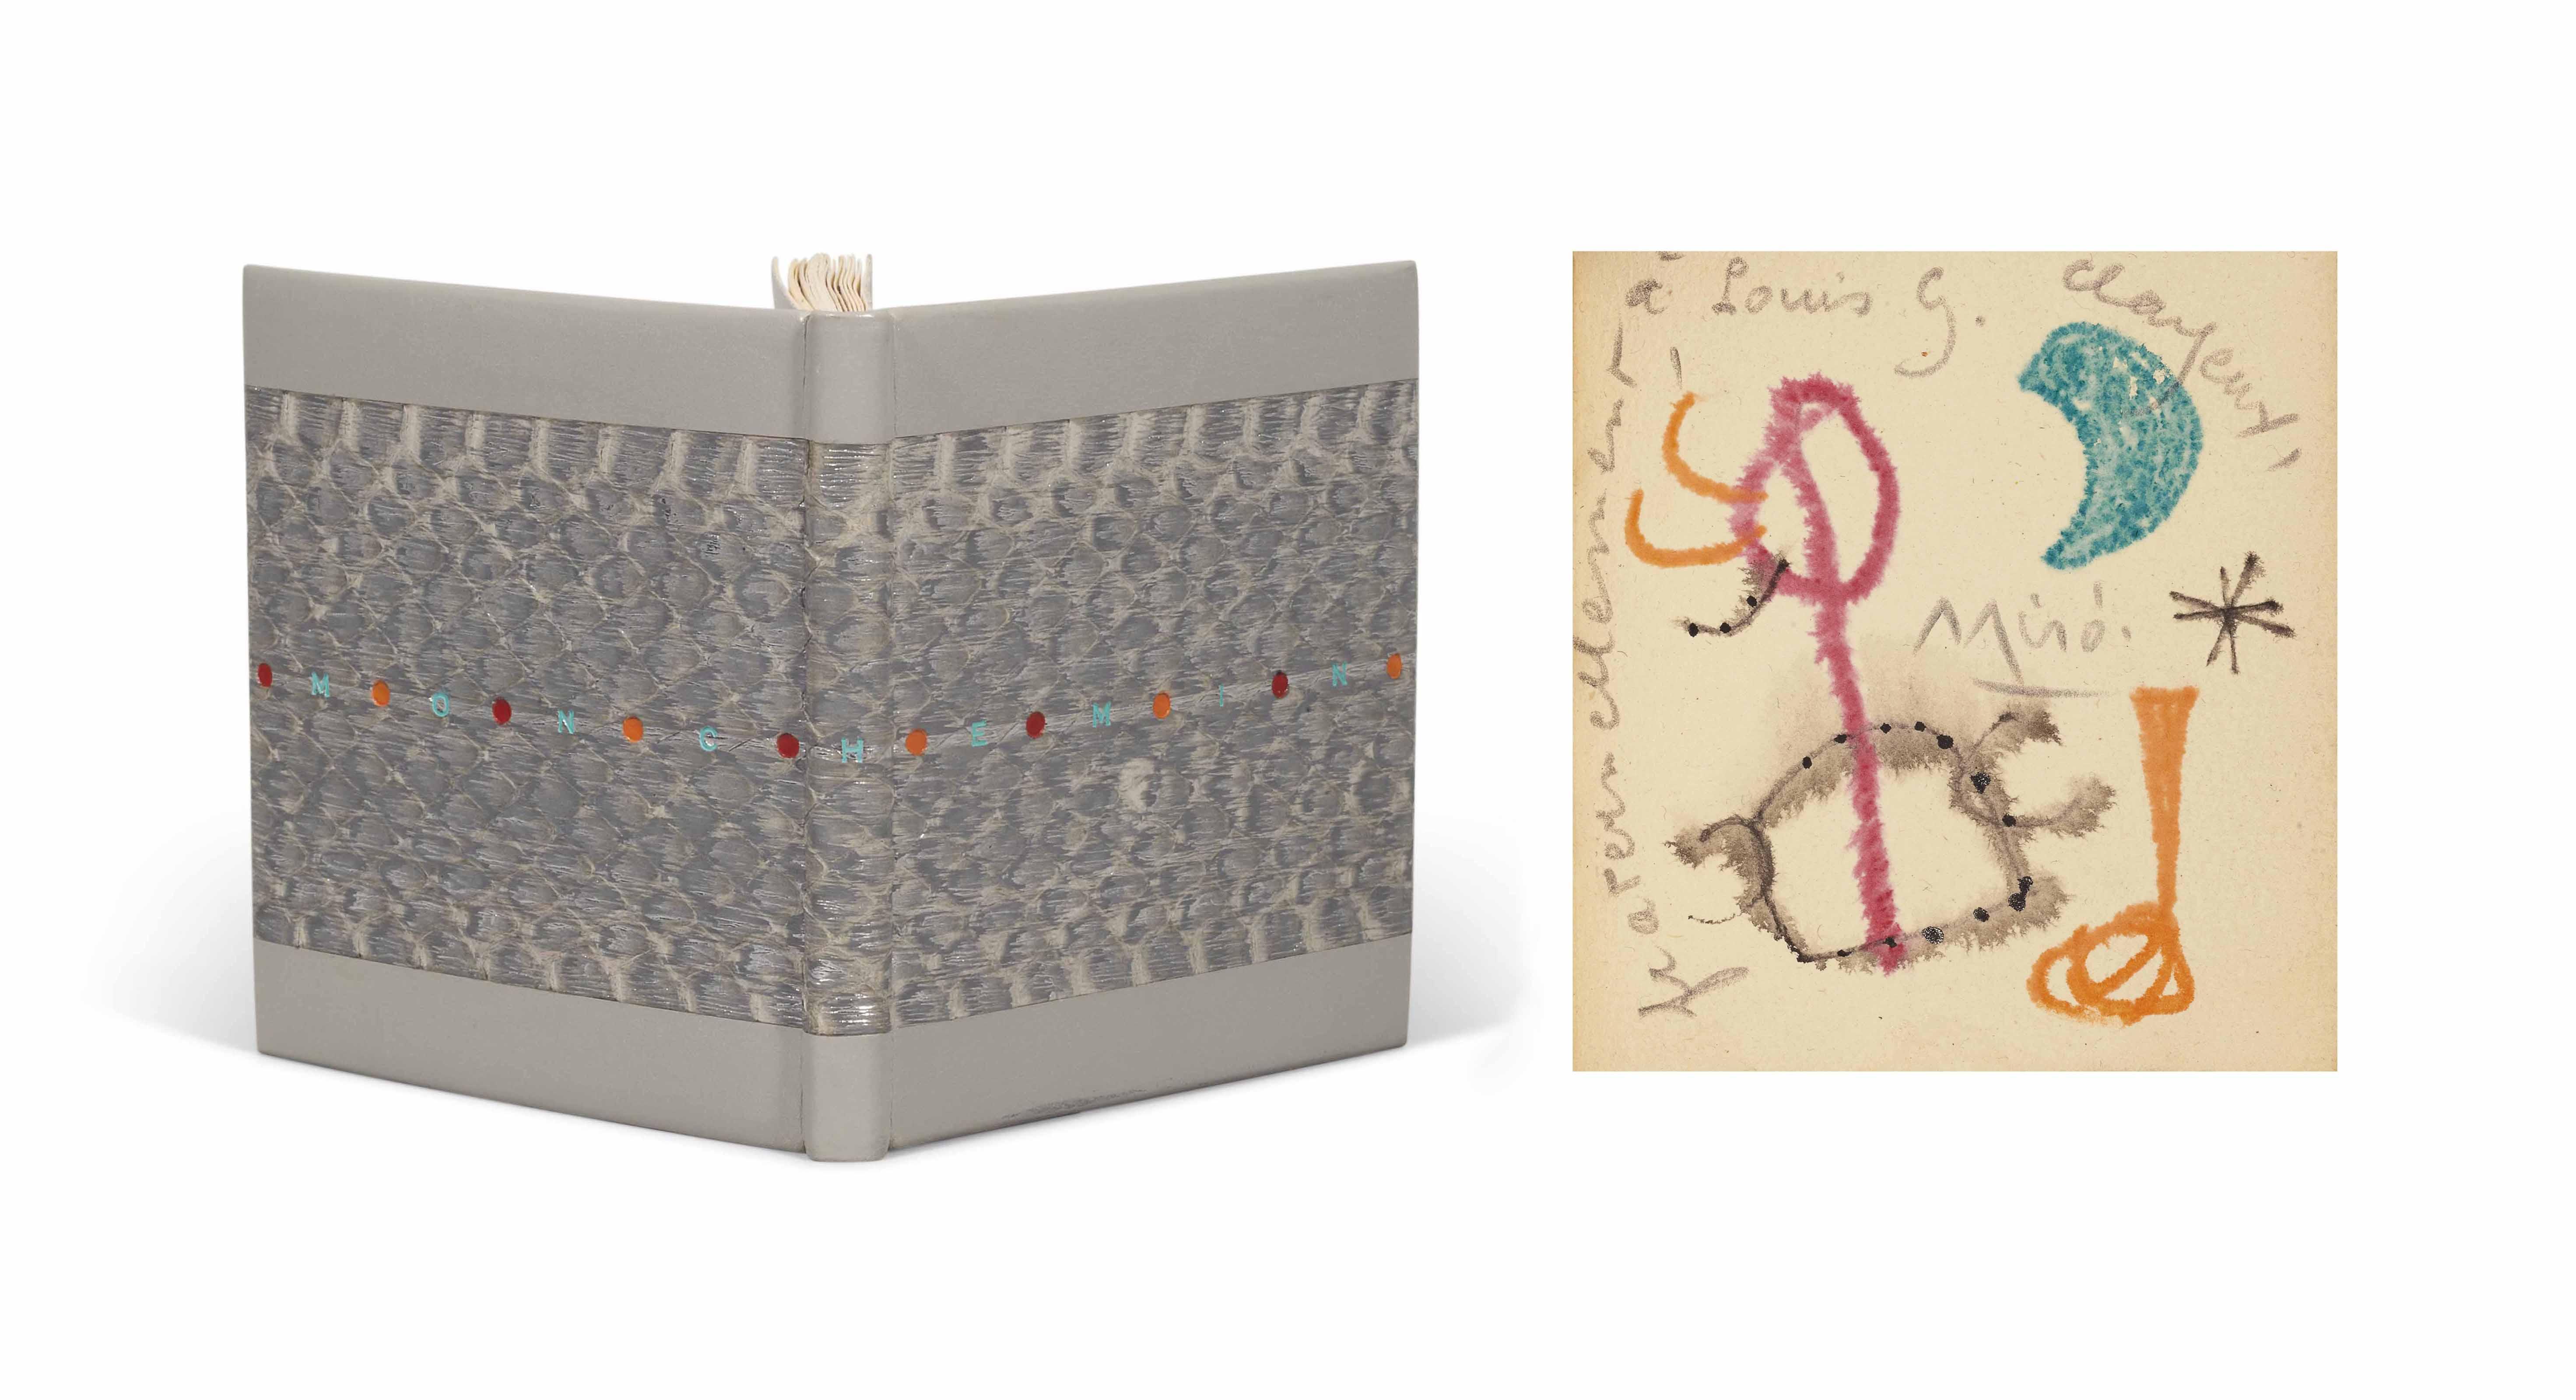 [MIRÓ] – Pierre-André BENOÎT (1921-1993). Mon chemin. Alès : [PAB], noël 1953. Petit in-16 carré (89 x 82 mm). Une pointe-sèche originale sur celluloïd signée de Joan Miró. Reliure signée Leroux au contreplat et datée 1991, box gris clair, grande pièce rectangulaire passant sur le dos en veau estampé façon serpent et argenté, titre à l'oeser vert courant sur les deux plats, pastille à l'oeser rouge ou orange entre chaque lettre, dos lisse, doublure de même box et gardes de daim gris, couverture, chemise et étui assortis.